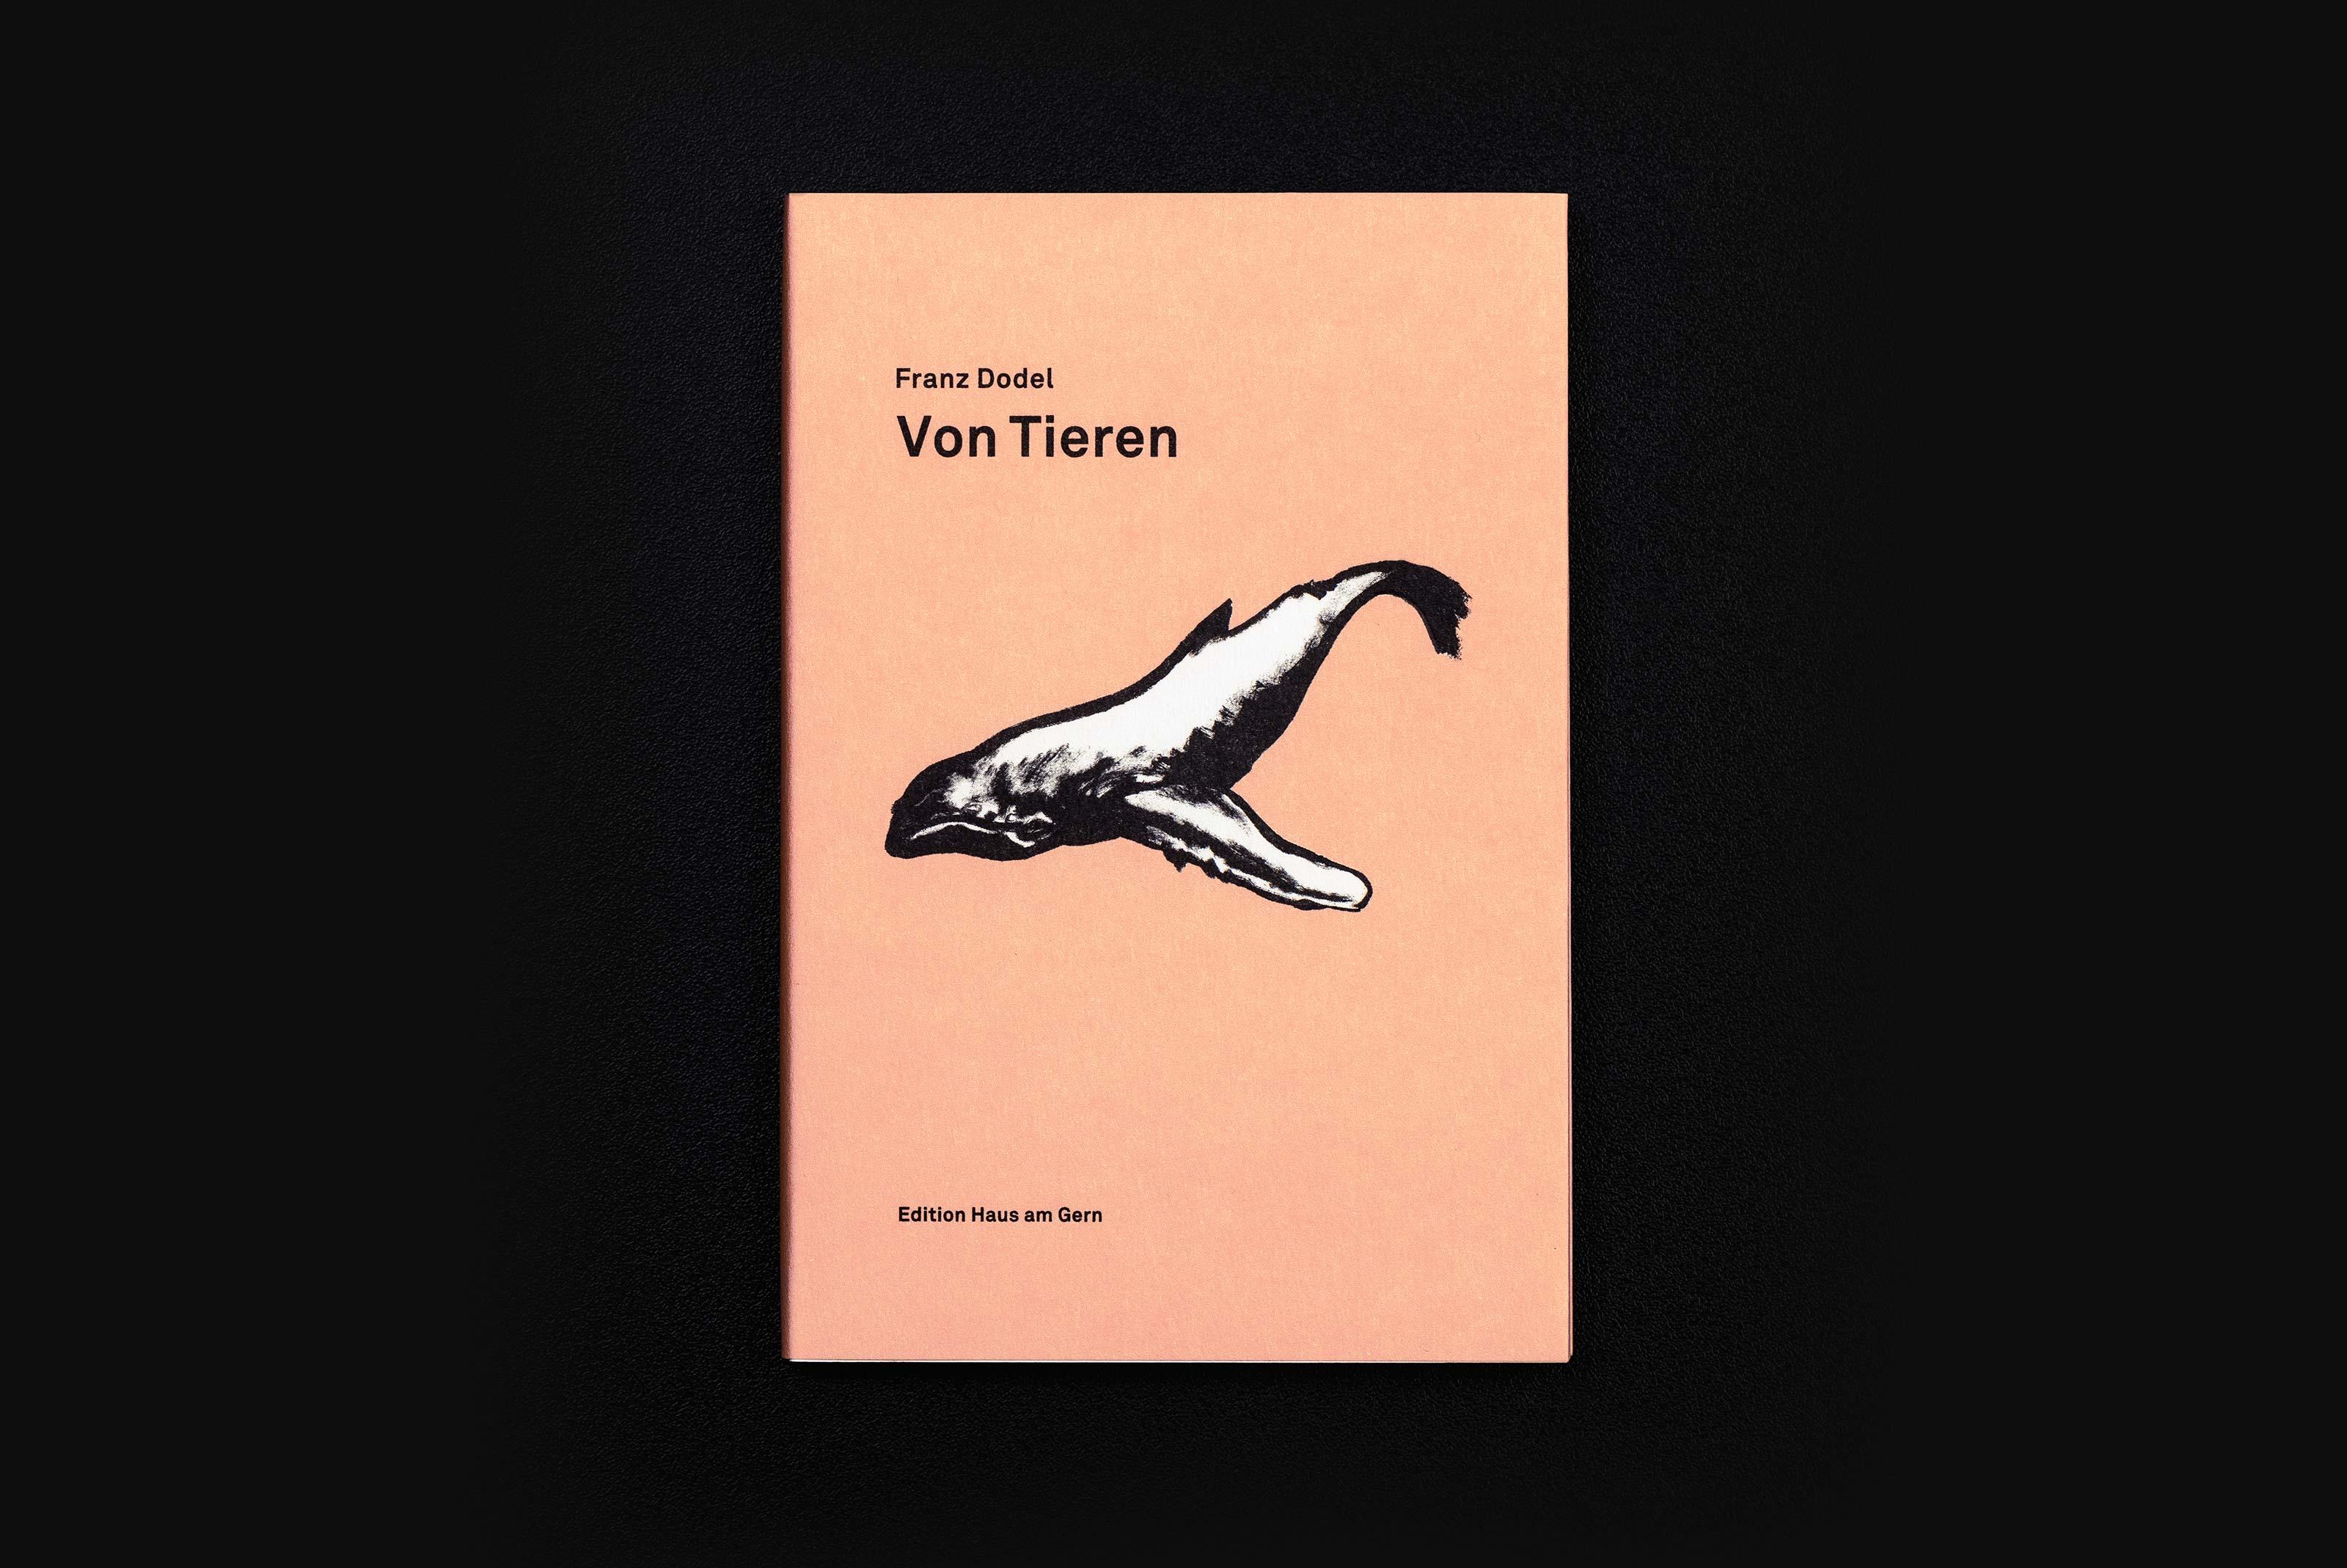 Frand Dodel – Von Tieren, cover ©Atelier Pol × Barbara Hess